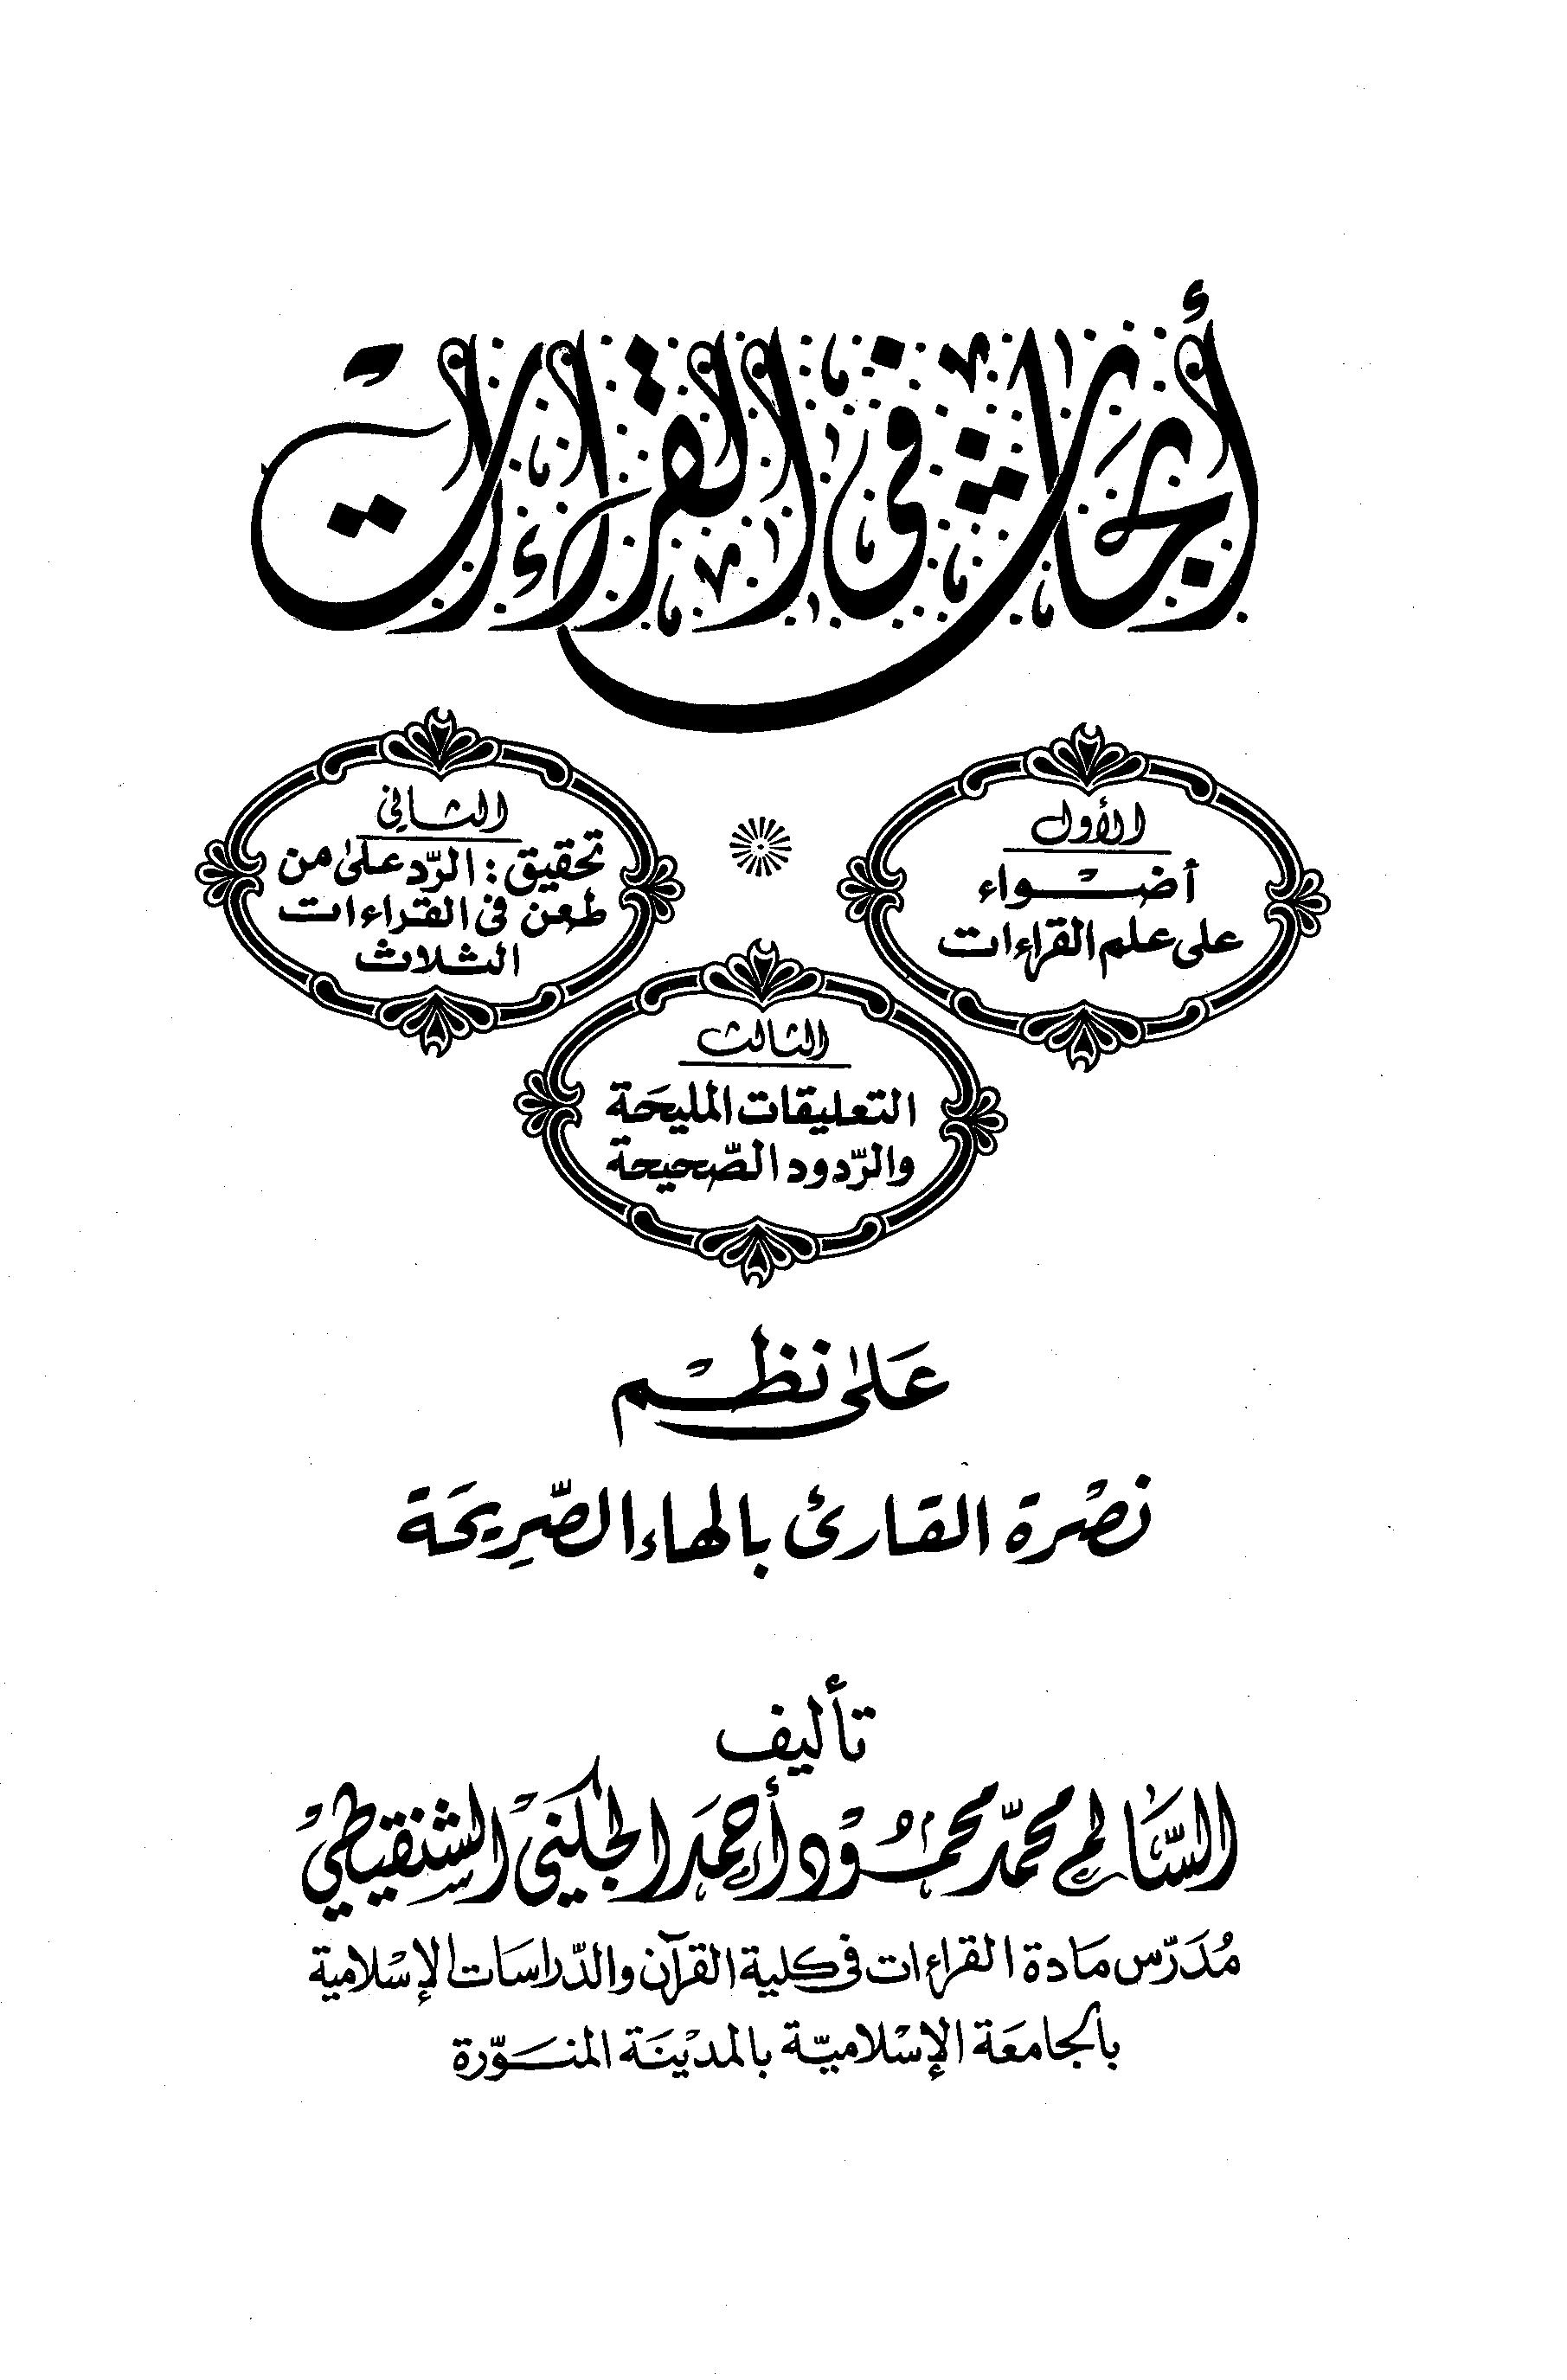 تحميل كتاب أبحاث في القراءات لـِ: الدكتور السالم بن محمد محمود أحمد الجكني الشنقيطي